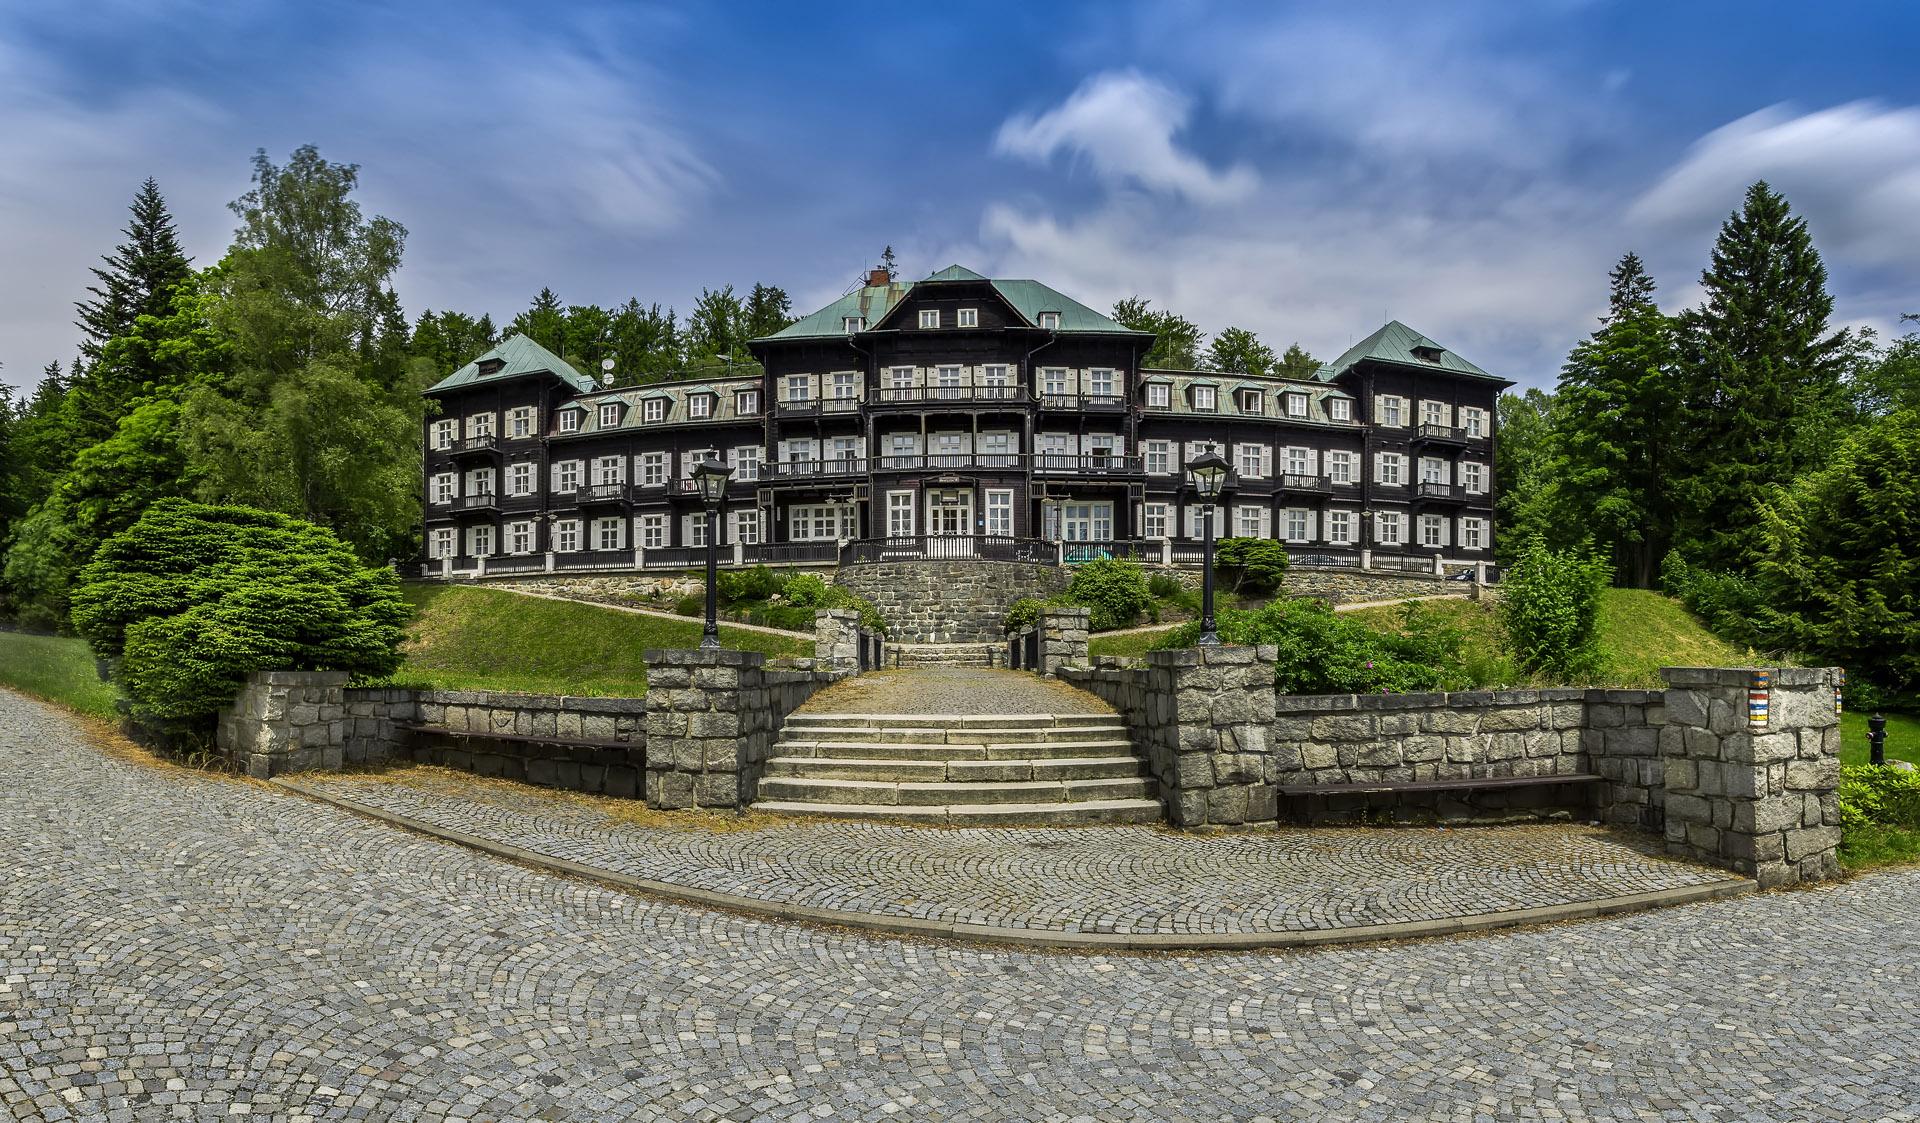 Slezský dům v horských lázních Karlova Studánka v Jeseníkách